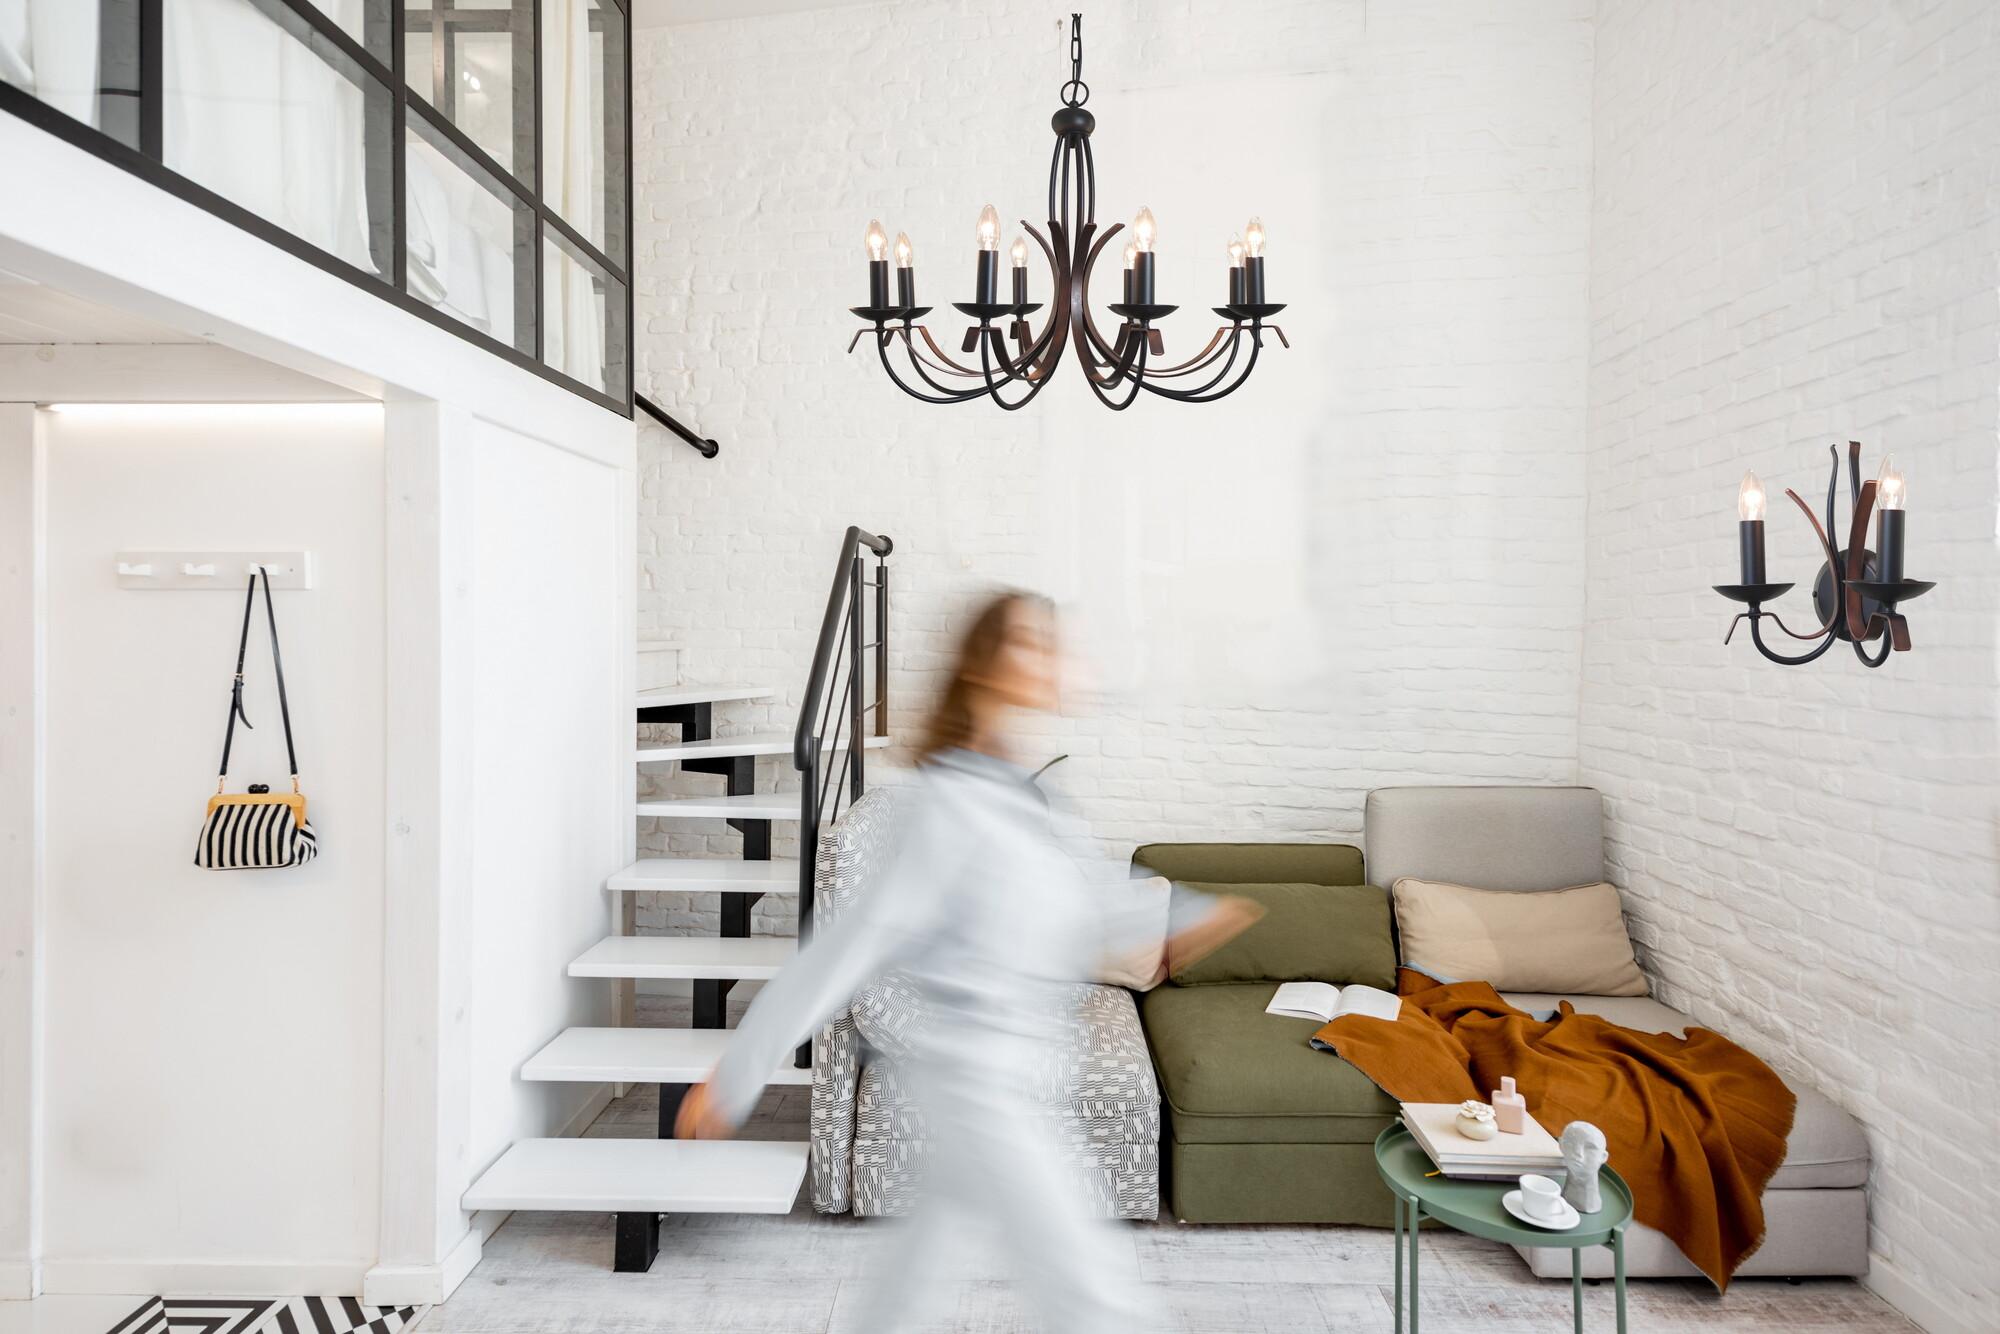 BALLO hanglampen